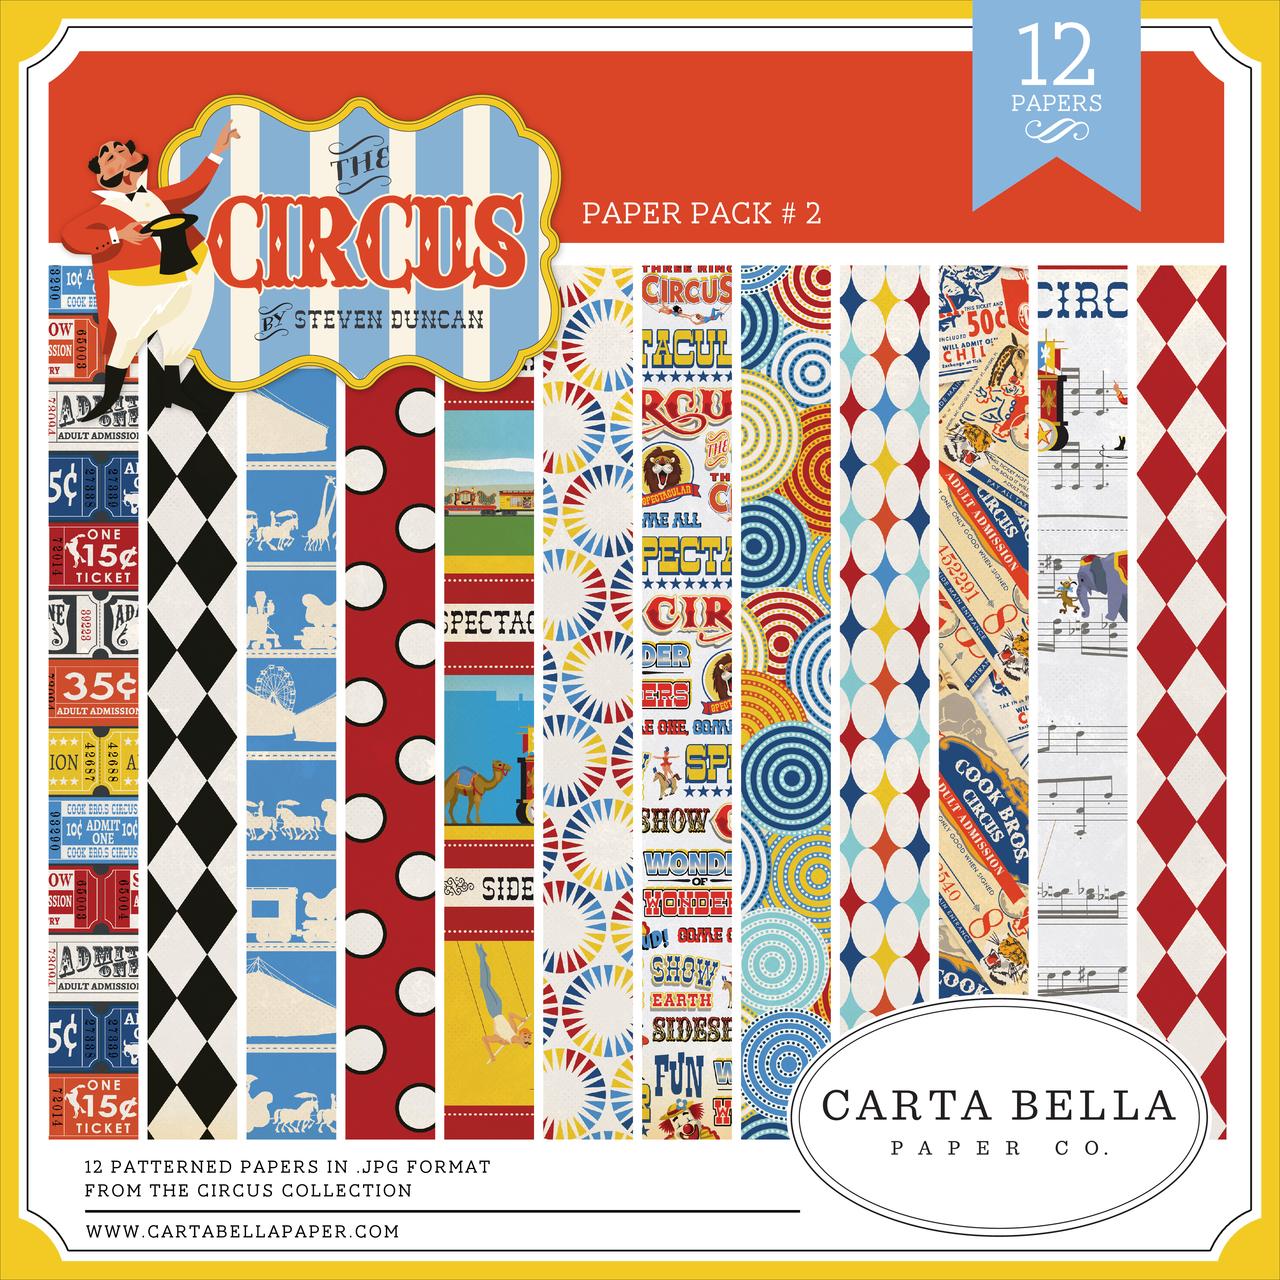 Circus Paper Pack #2